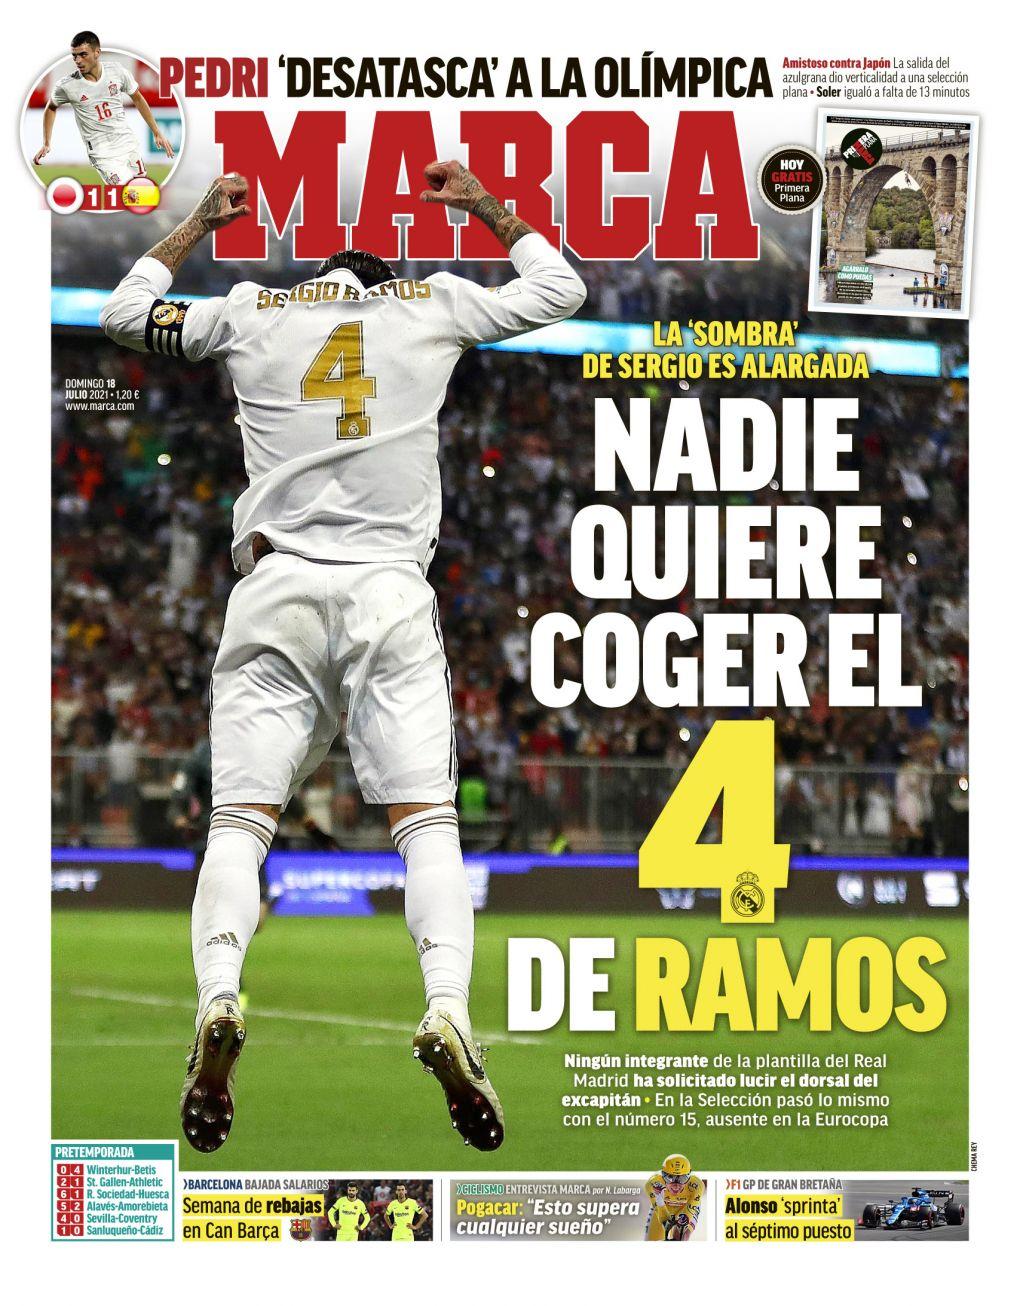 Documentos españoles de hoy: El número 4 del Real Madrid de Sergio Ramos sigue sin reclamar, Raphael Varane se acerca a la salida de Los Blancos y el Barcelona apunta a más transferencias gratuitas